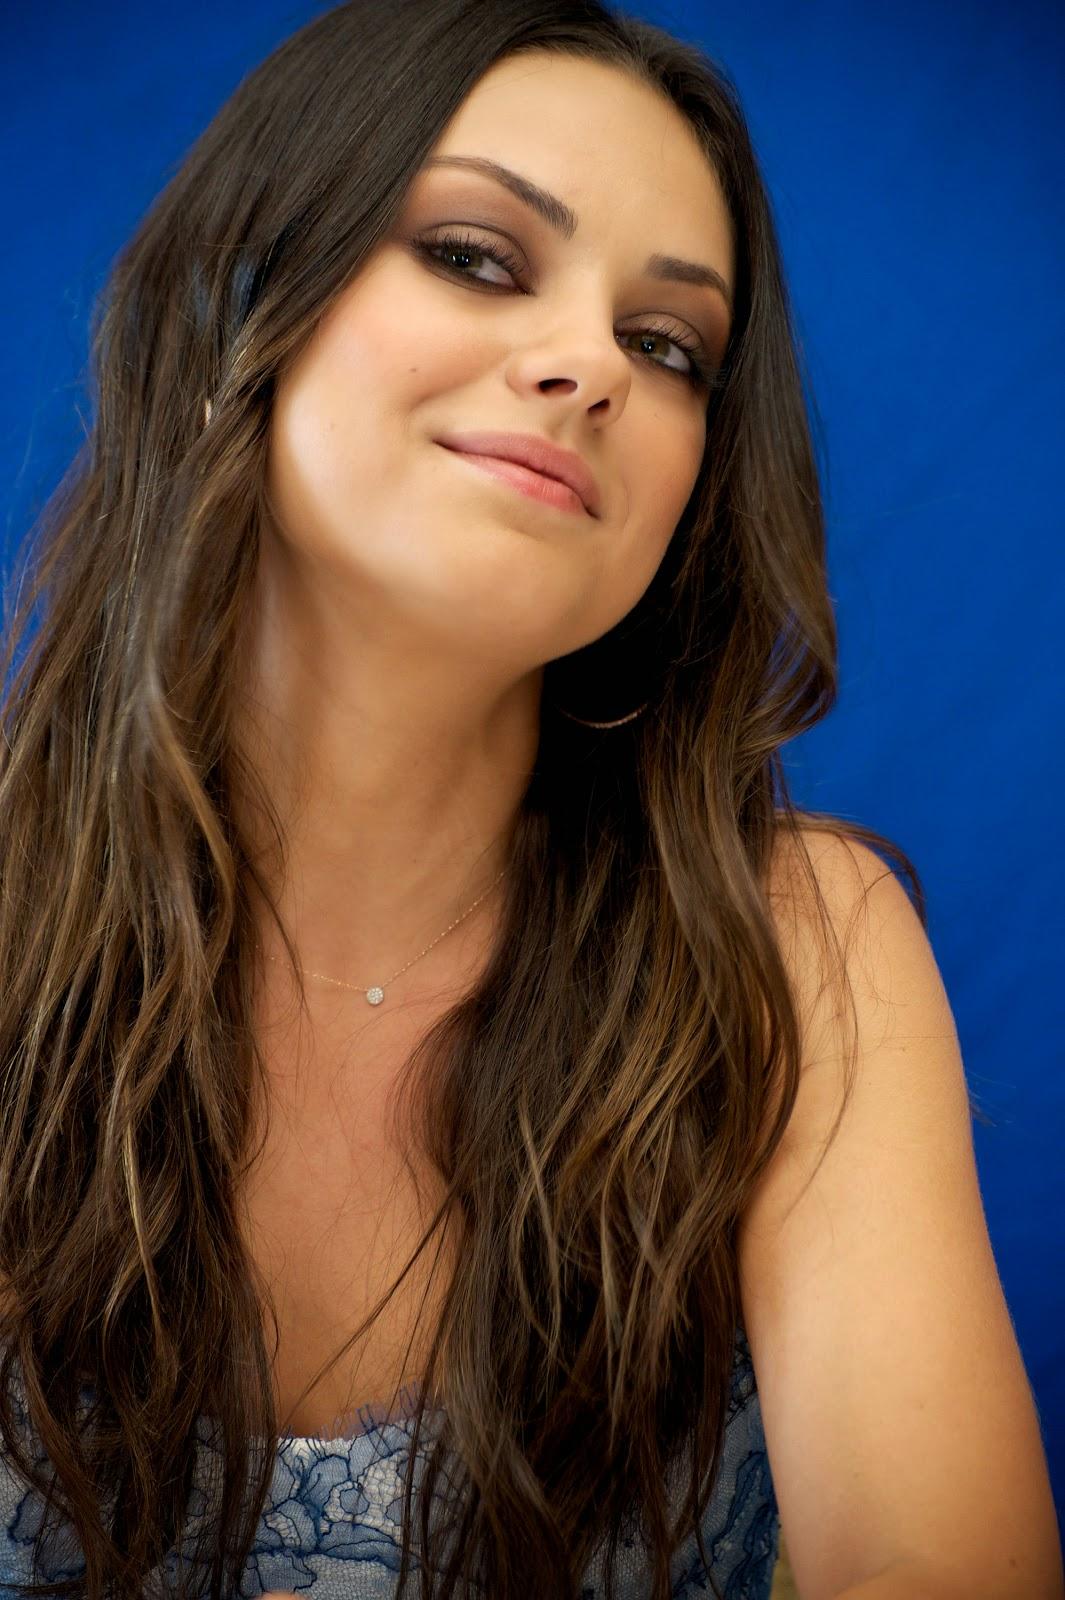 Mila Kunis HD Images | Full HD Wallpapers of Mila Kunis